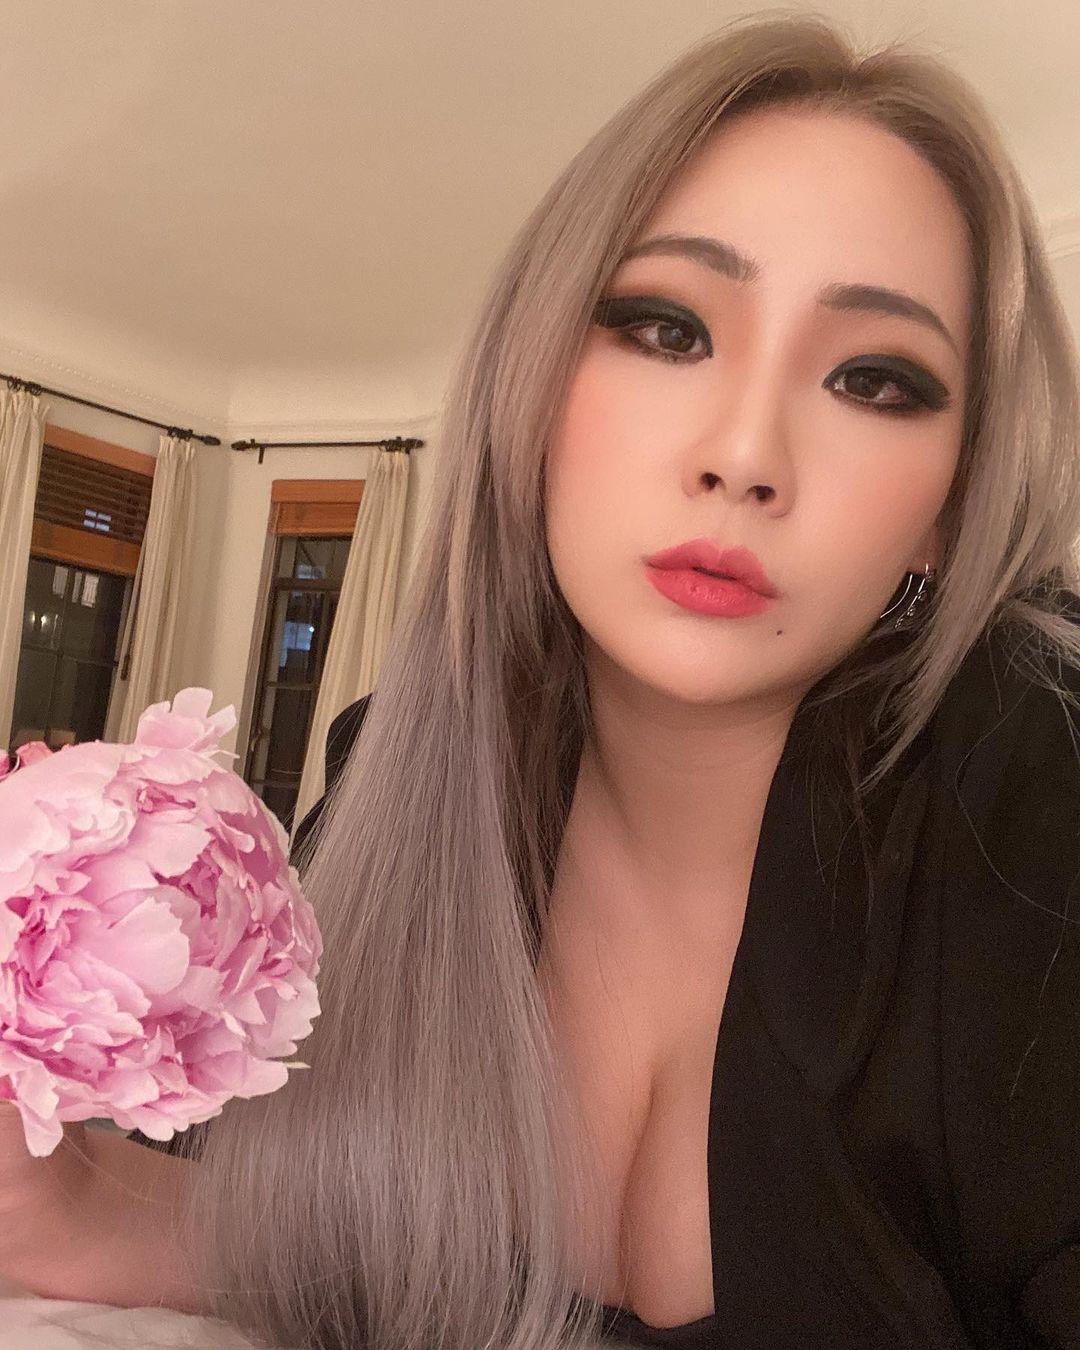 2NE1 update: CL